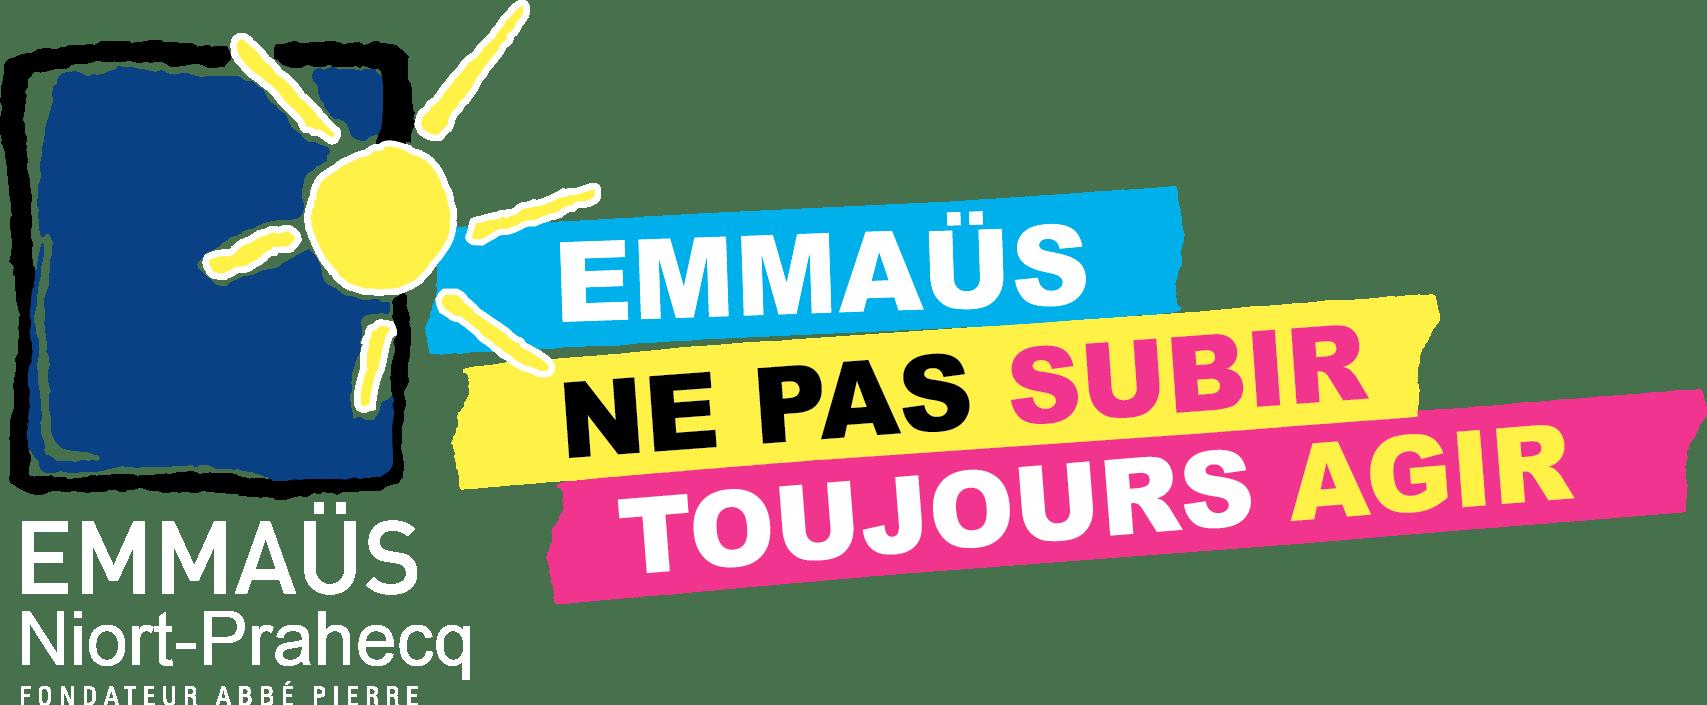 Emmaüs-Niort-Prahecq